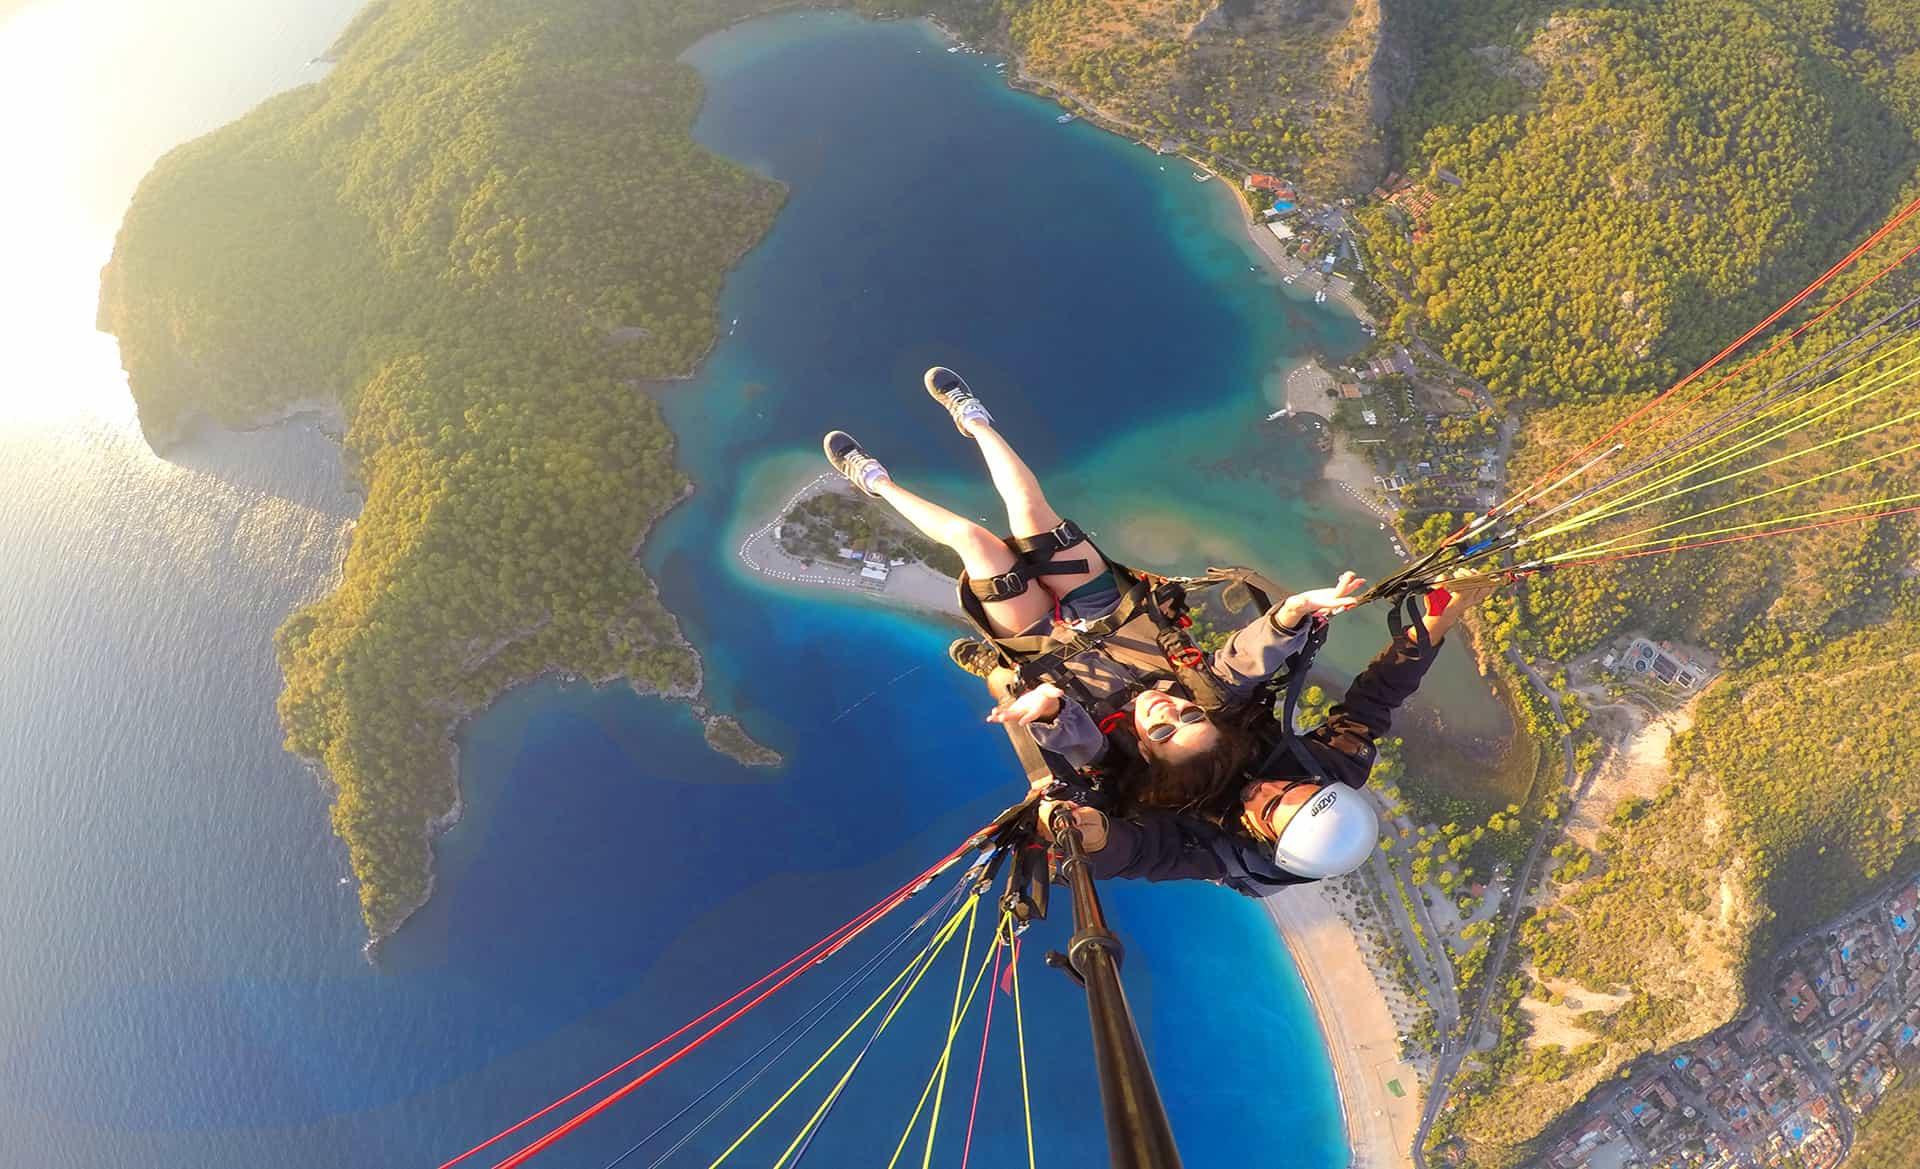 Olga Maria Dreams in Heels - Go Pro Shot - Paragliding in Turkey